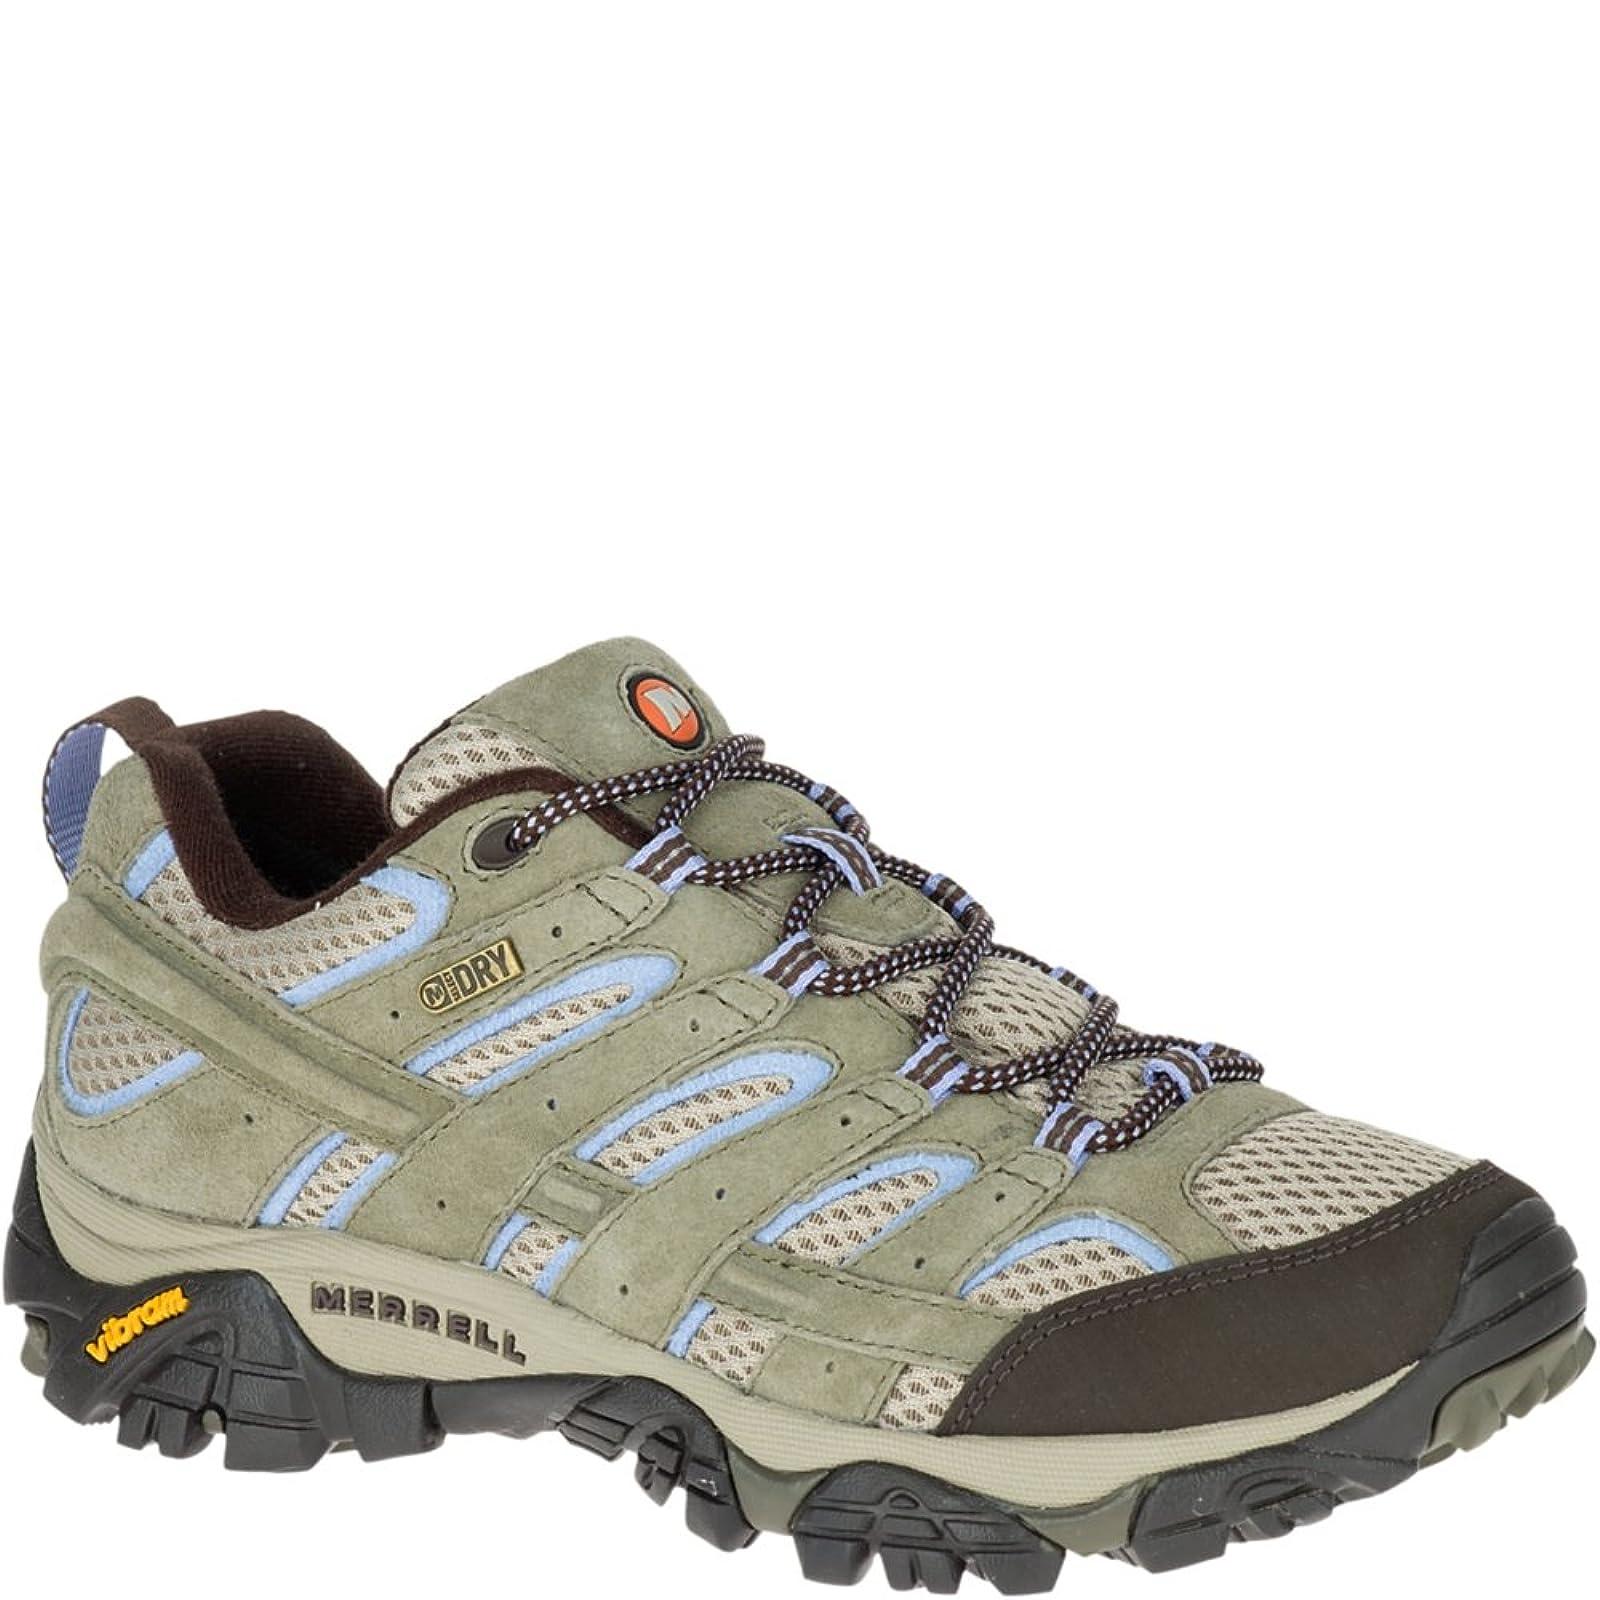 Merrell Women's Moab 2 Waterproof Hiking Shoe US - 1